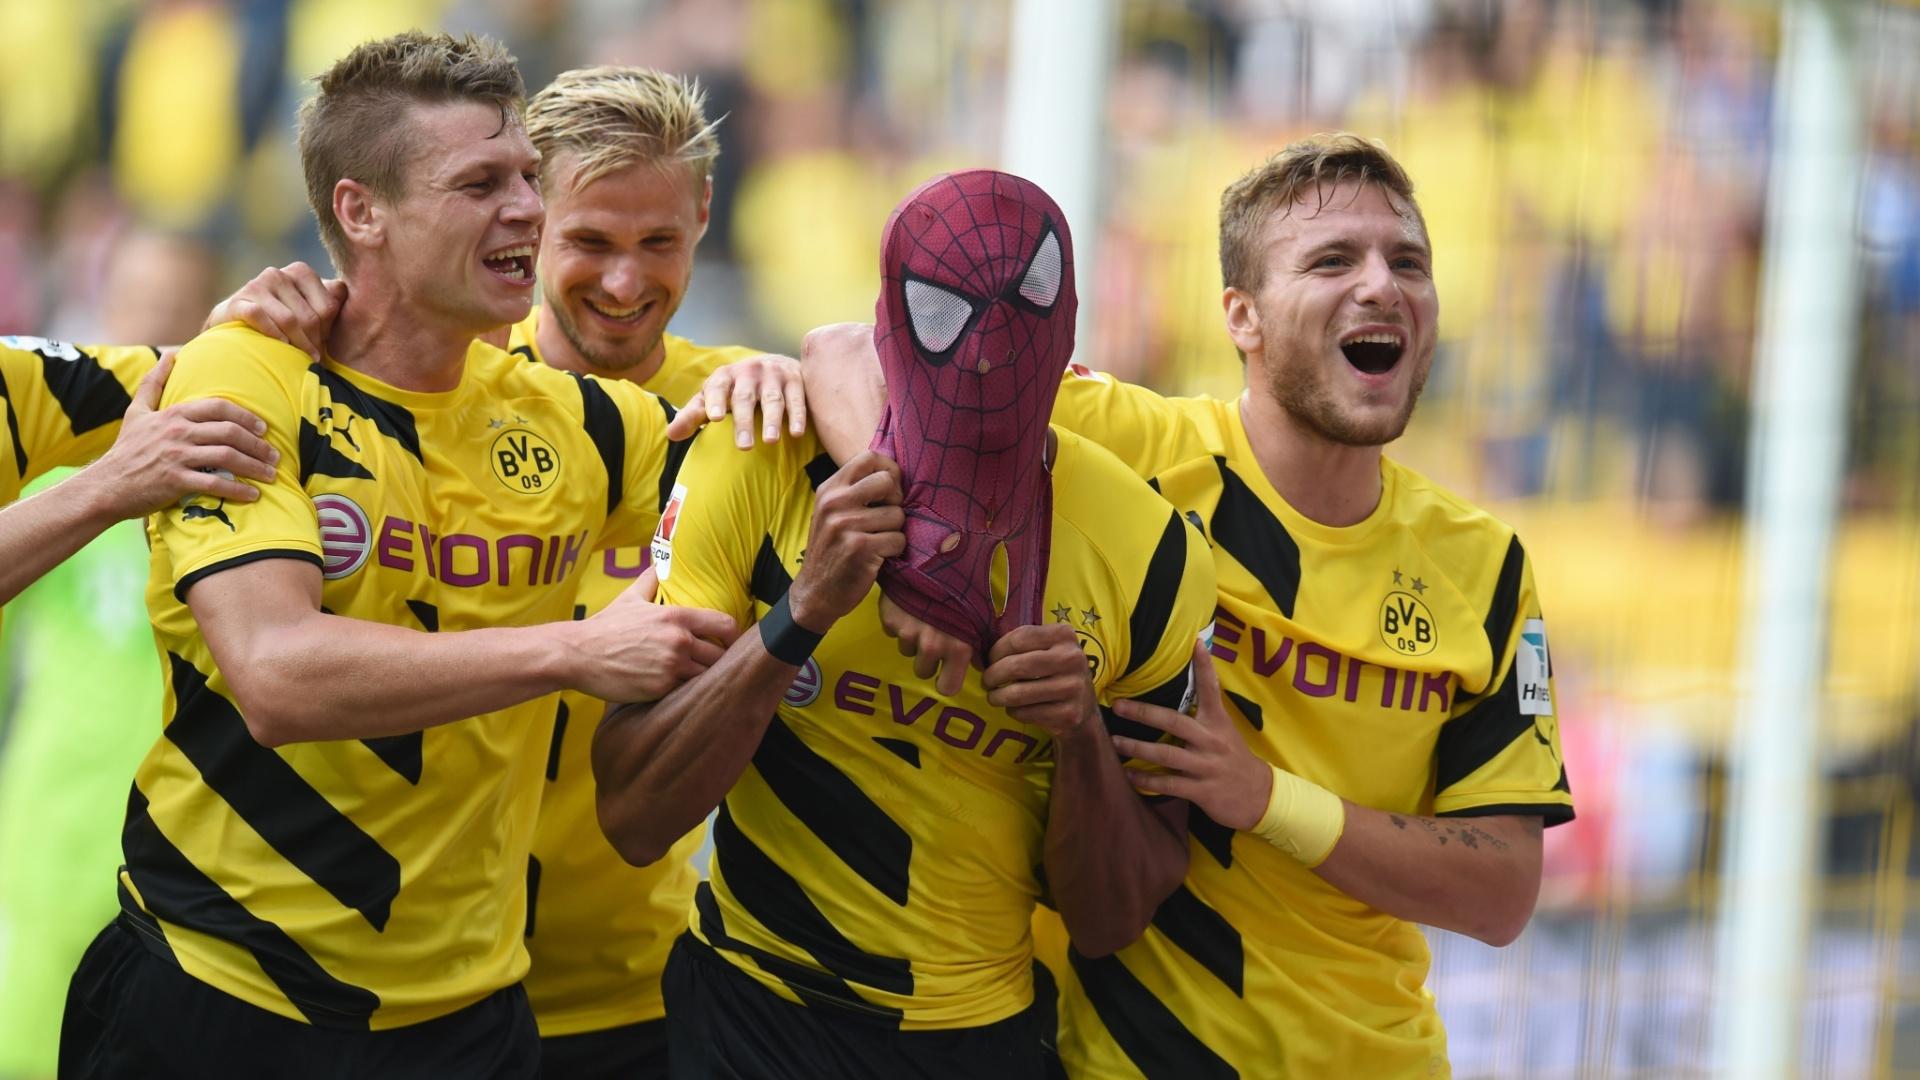 Aubameyang comemora gol pelo Borussia Dortmund com máscara de homem-aranha na partida contra o Bayern de Munique pela Supercopa da Alemanha